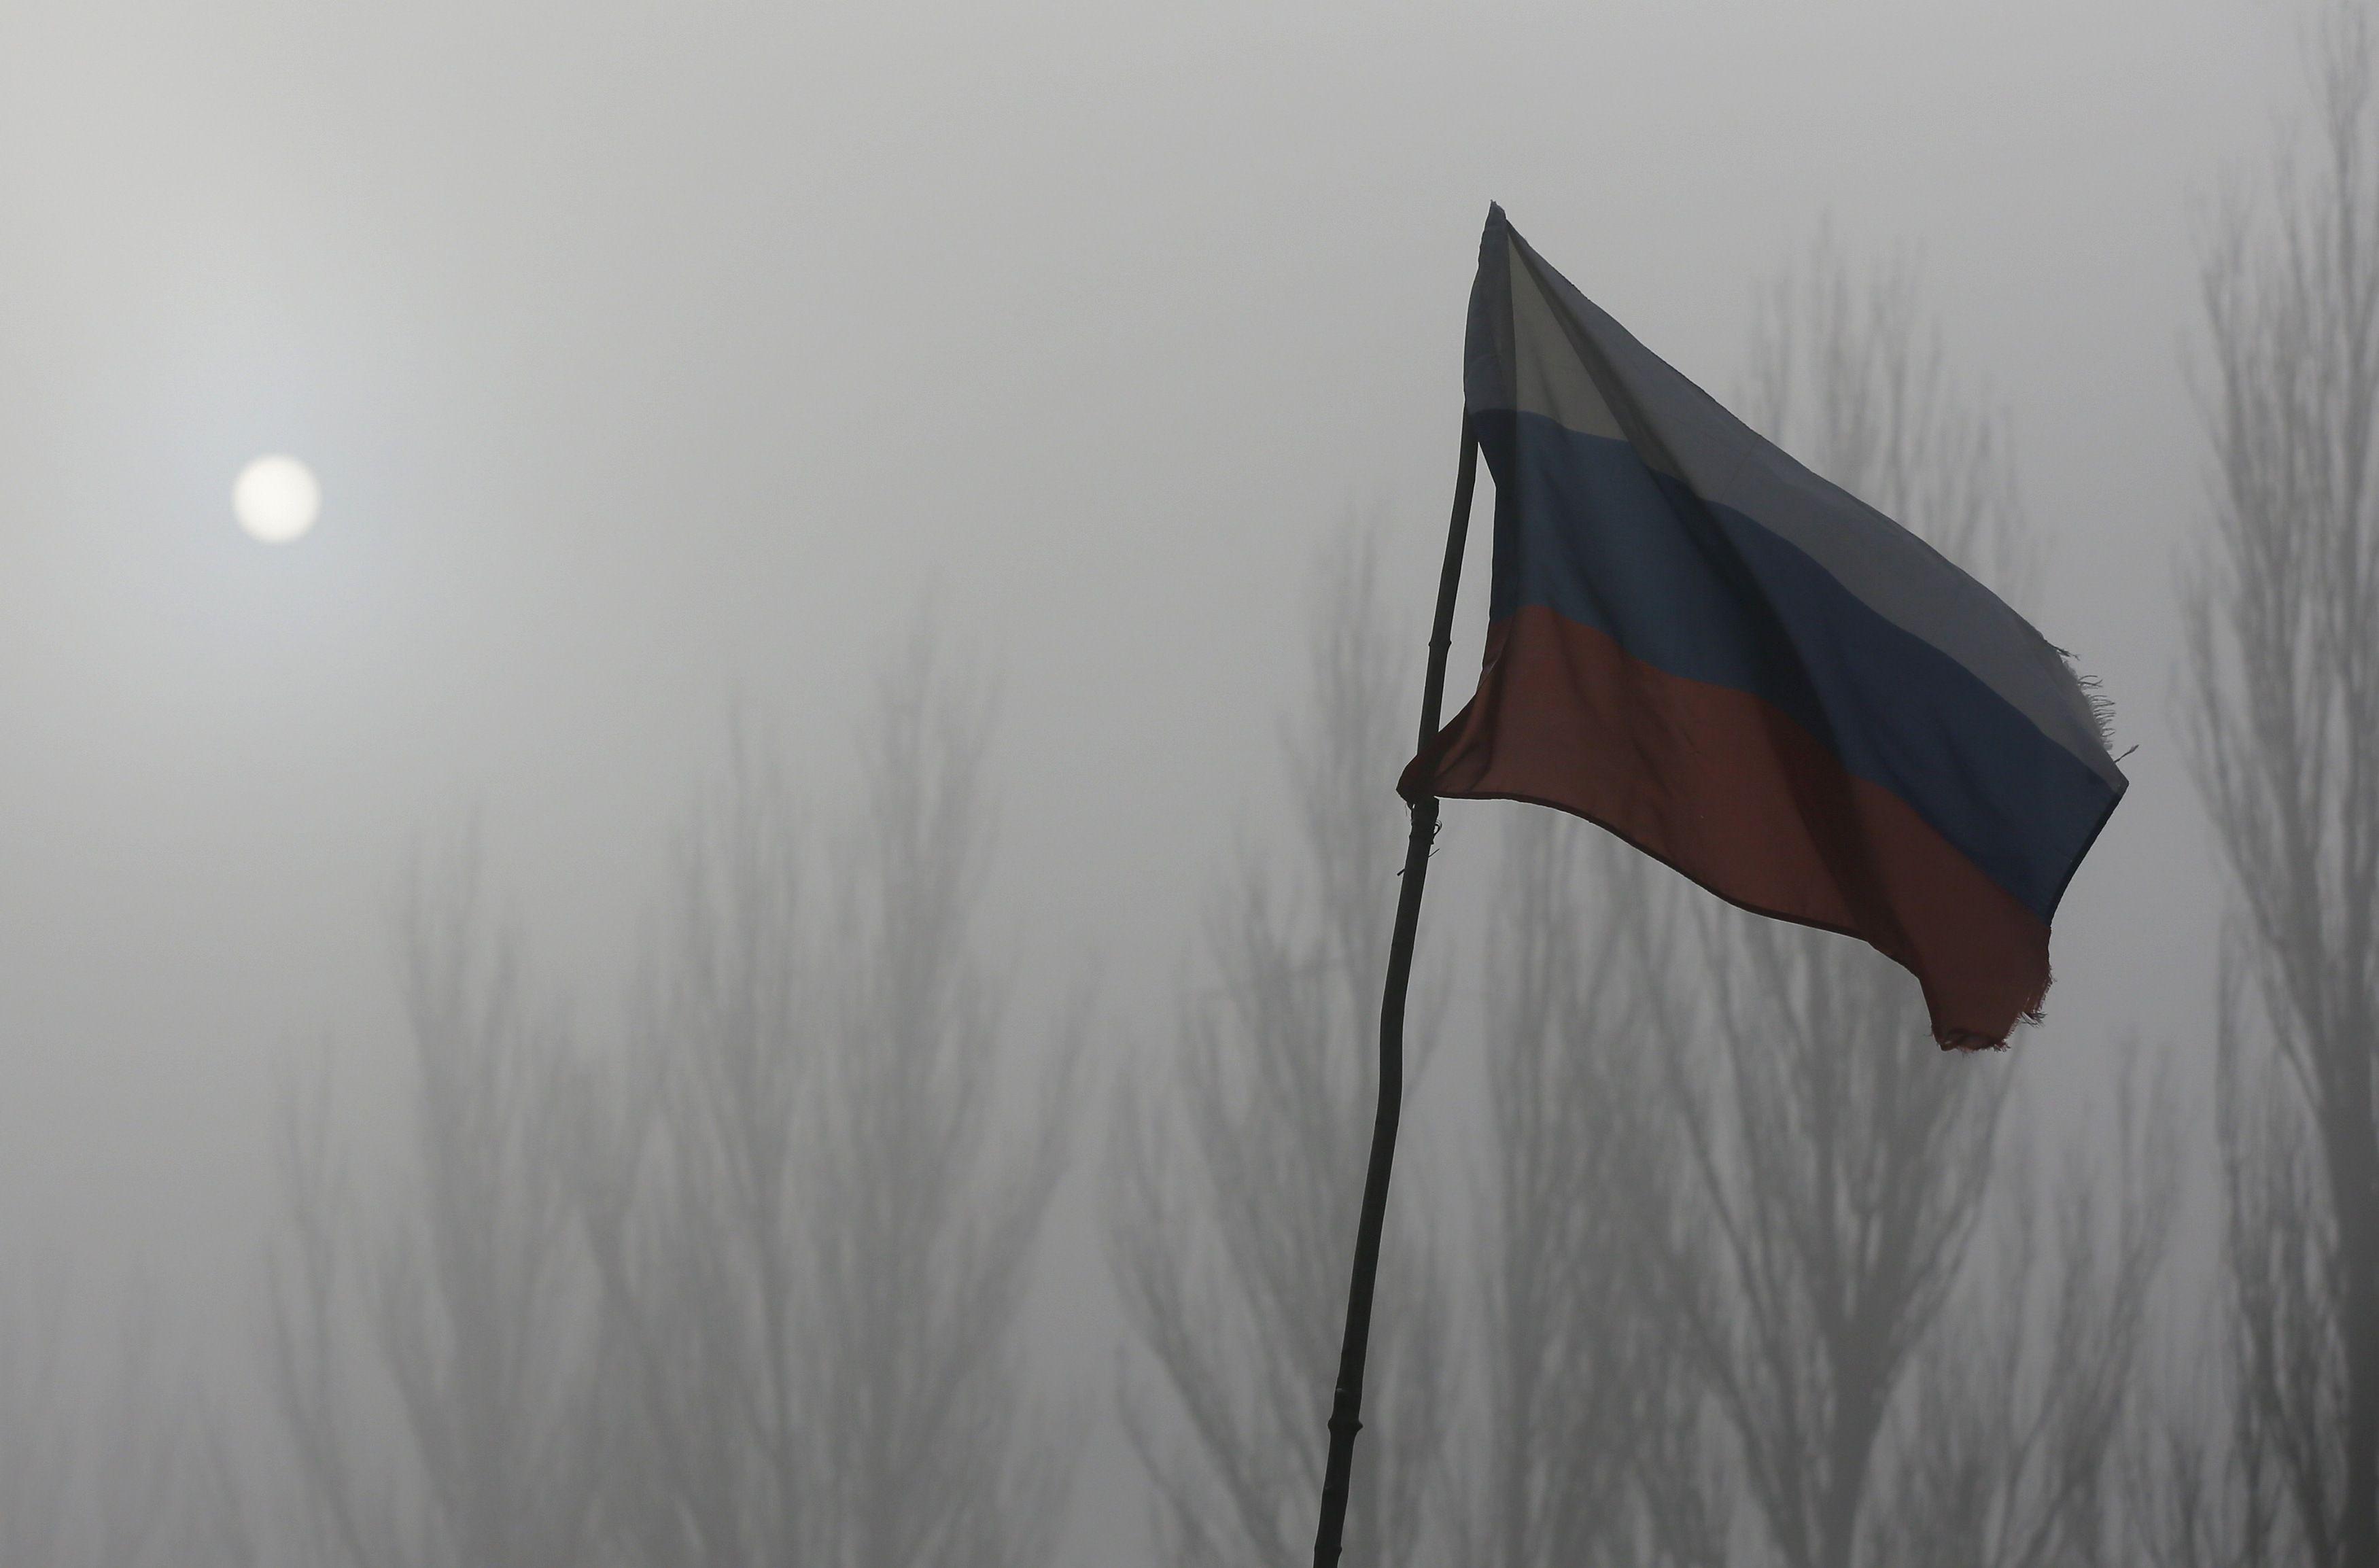 Российский флаг на Донбассе, иллюстрация